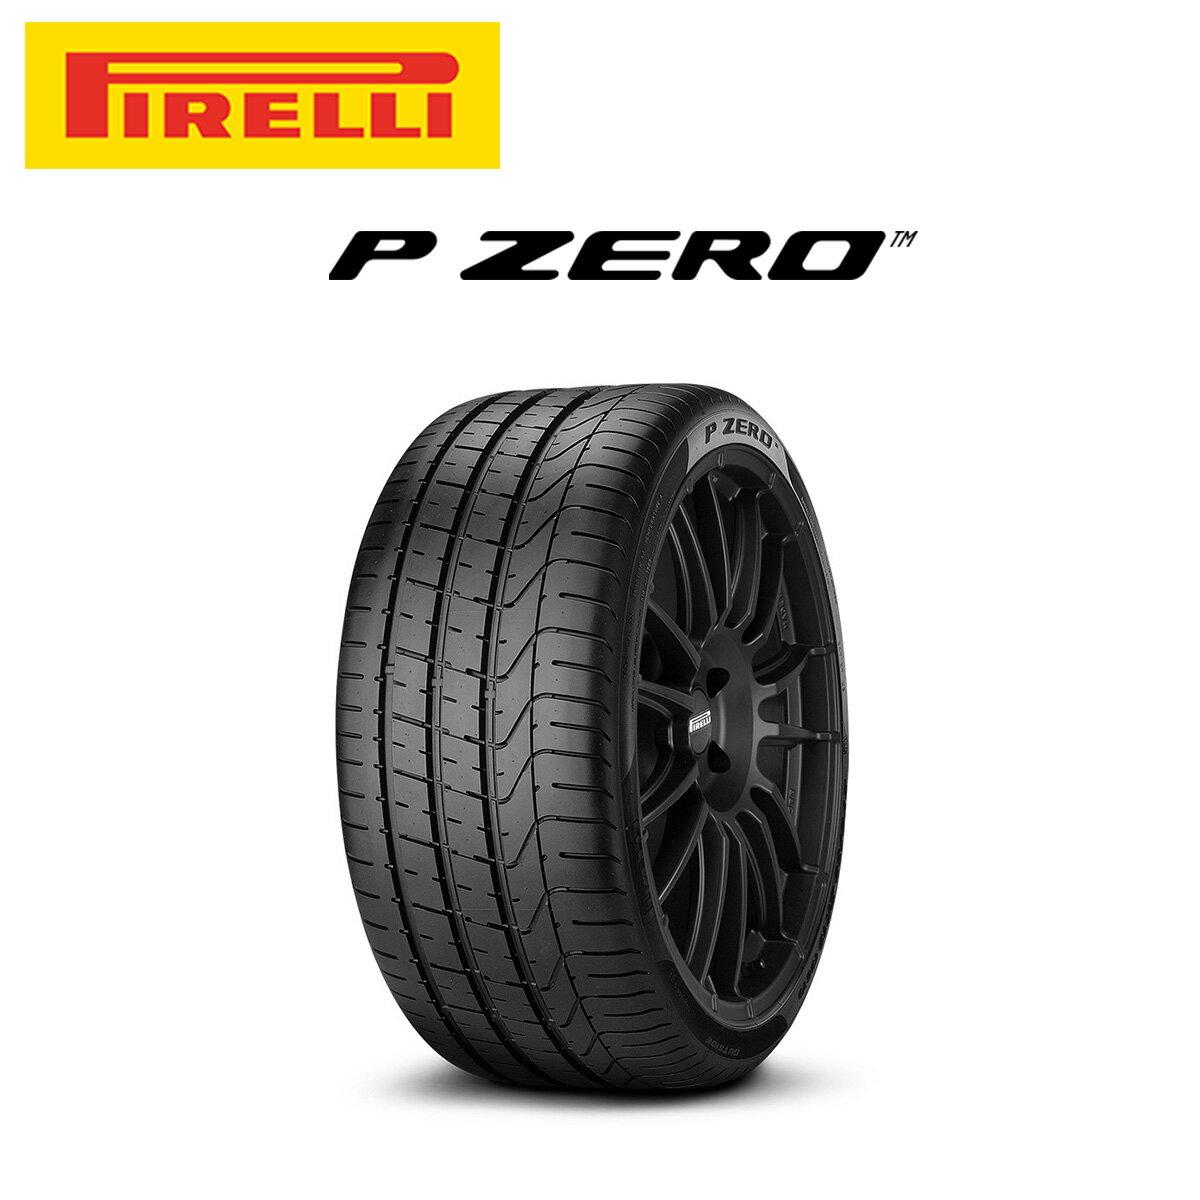 ピレリ PIRELLI P ZERO ピーゼロ 20インチ サマー タイヤ 4本 セット 285/30ZR20 99Y XL 1639200